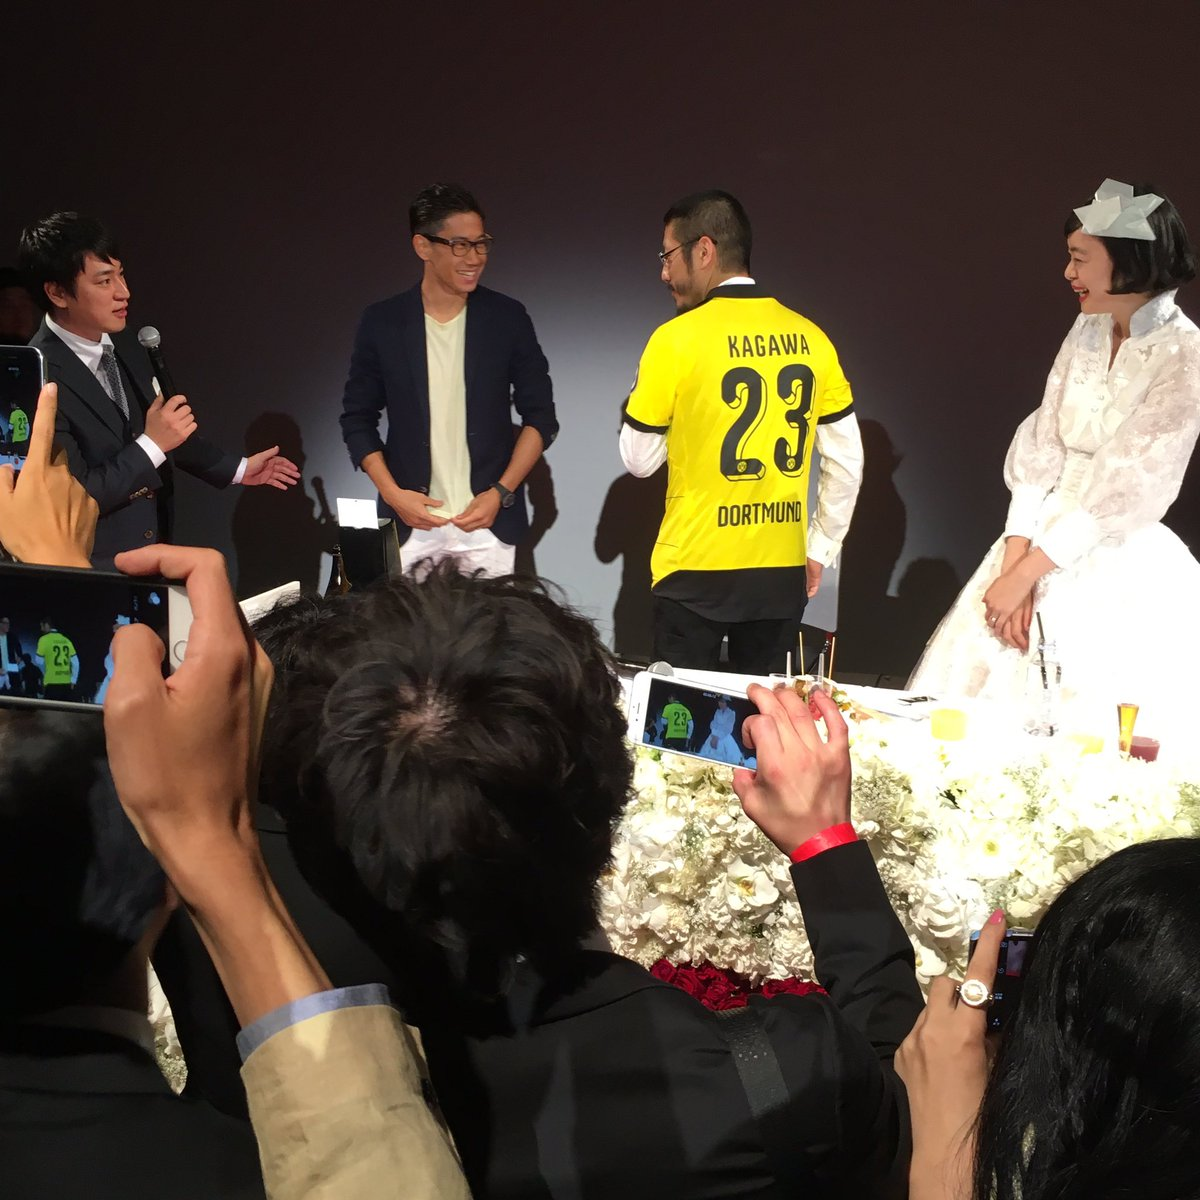 なんとサプライズゲストでドルトムントの香川選手が登場し、盛り上がる会場と森永さん。 #香川真司 #ドルトムント #結婚パーティー #森永邦彦 #anrealage #西村佳乃子 #東京タワー #happywedding https://t.co/IKk99xnx6C